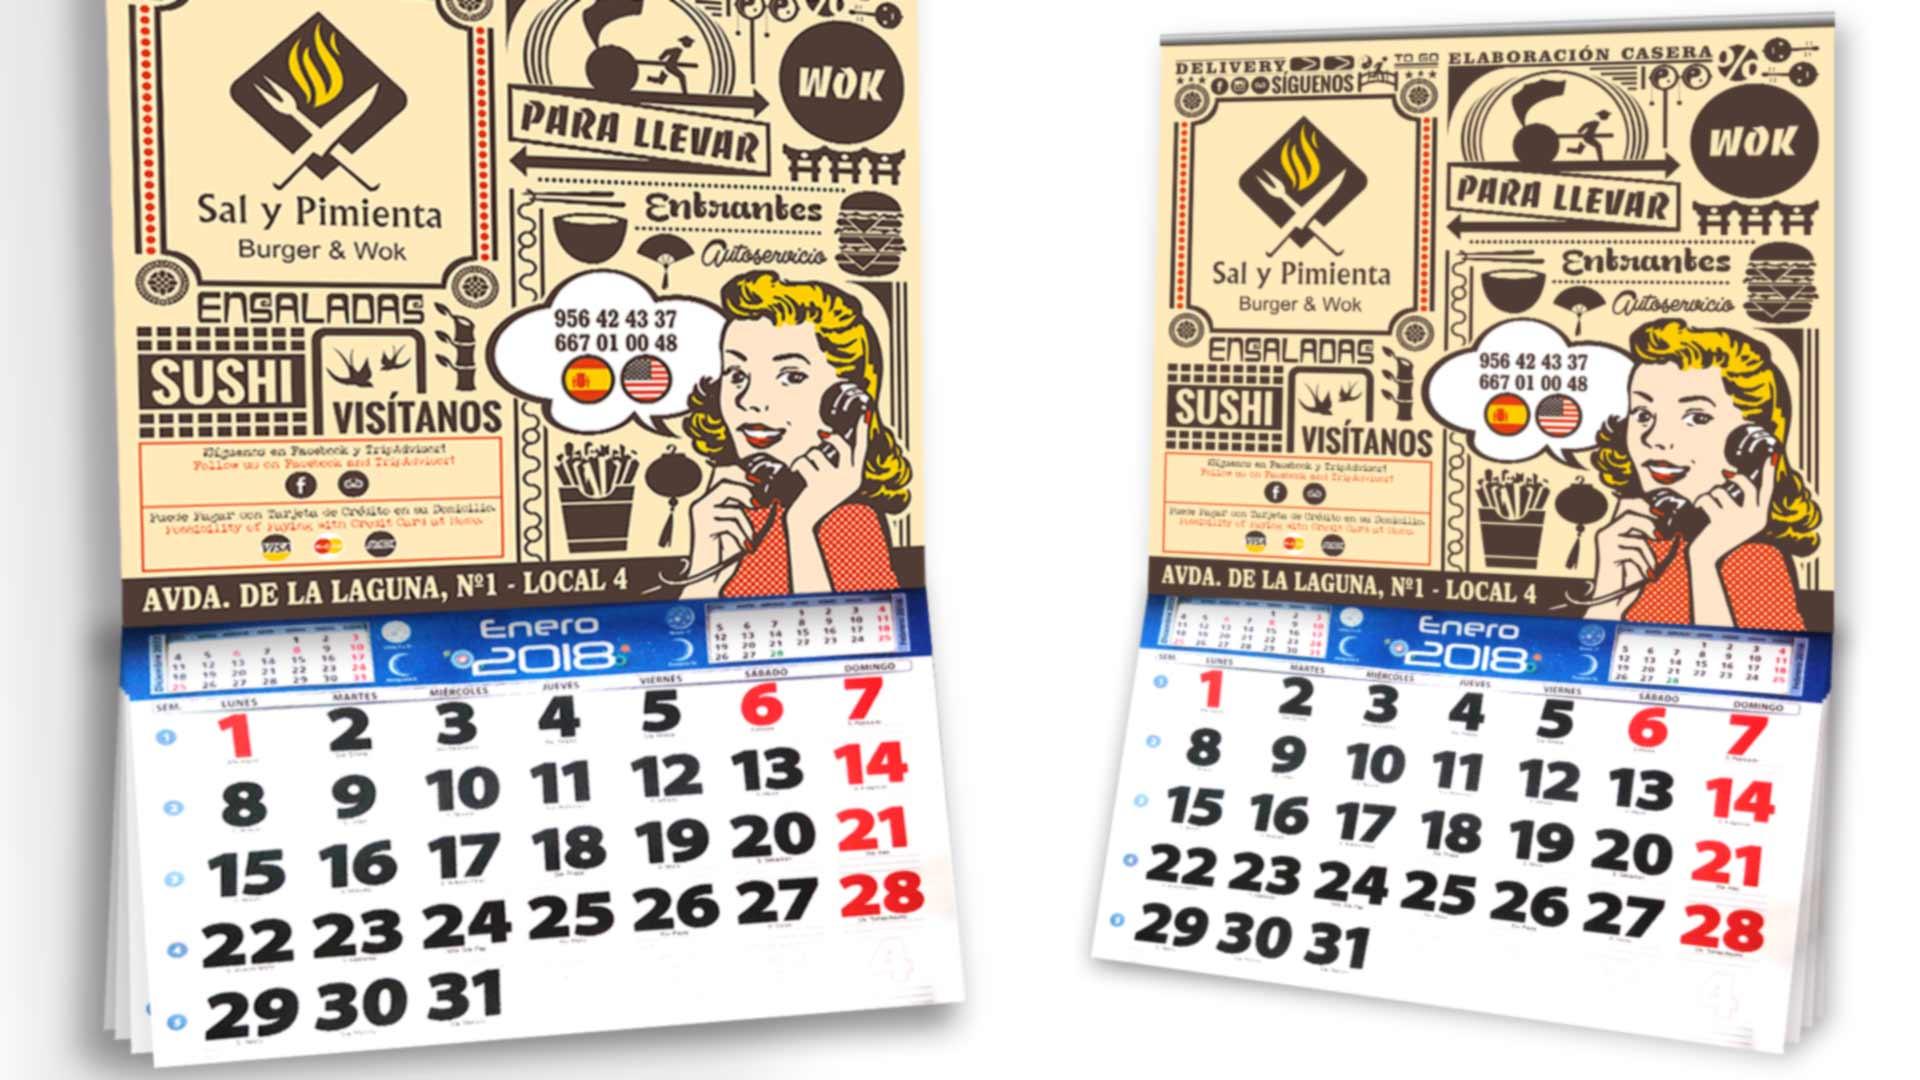 SAL Y PIMIENTA - Calendarios 2018